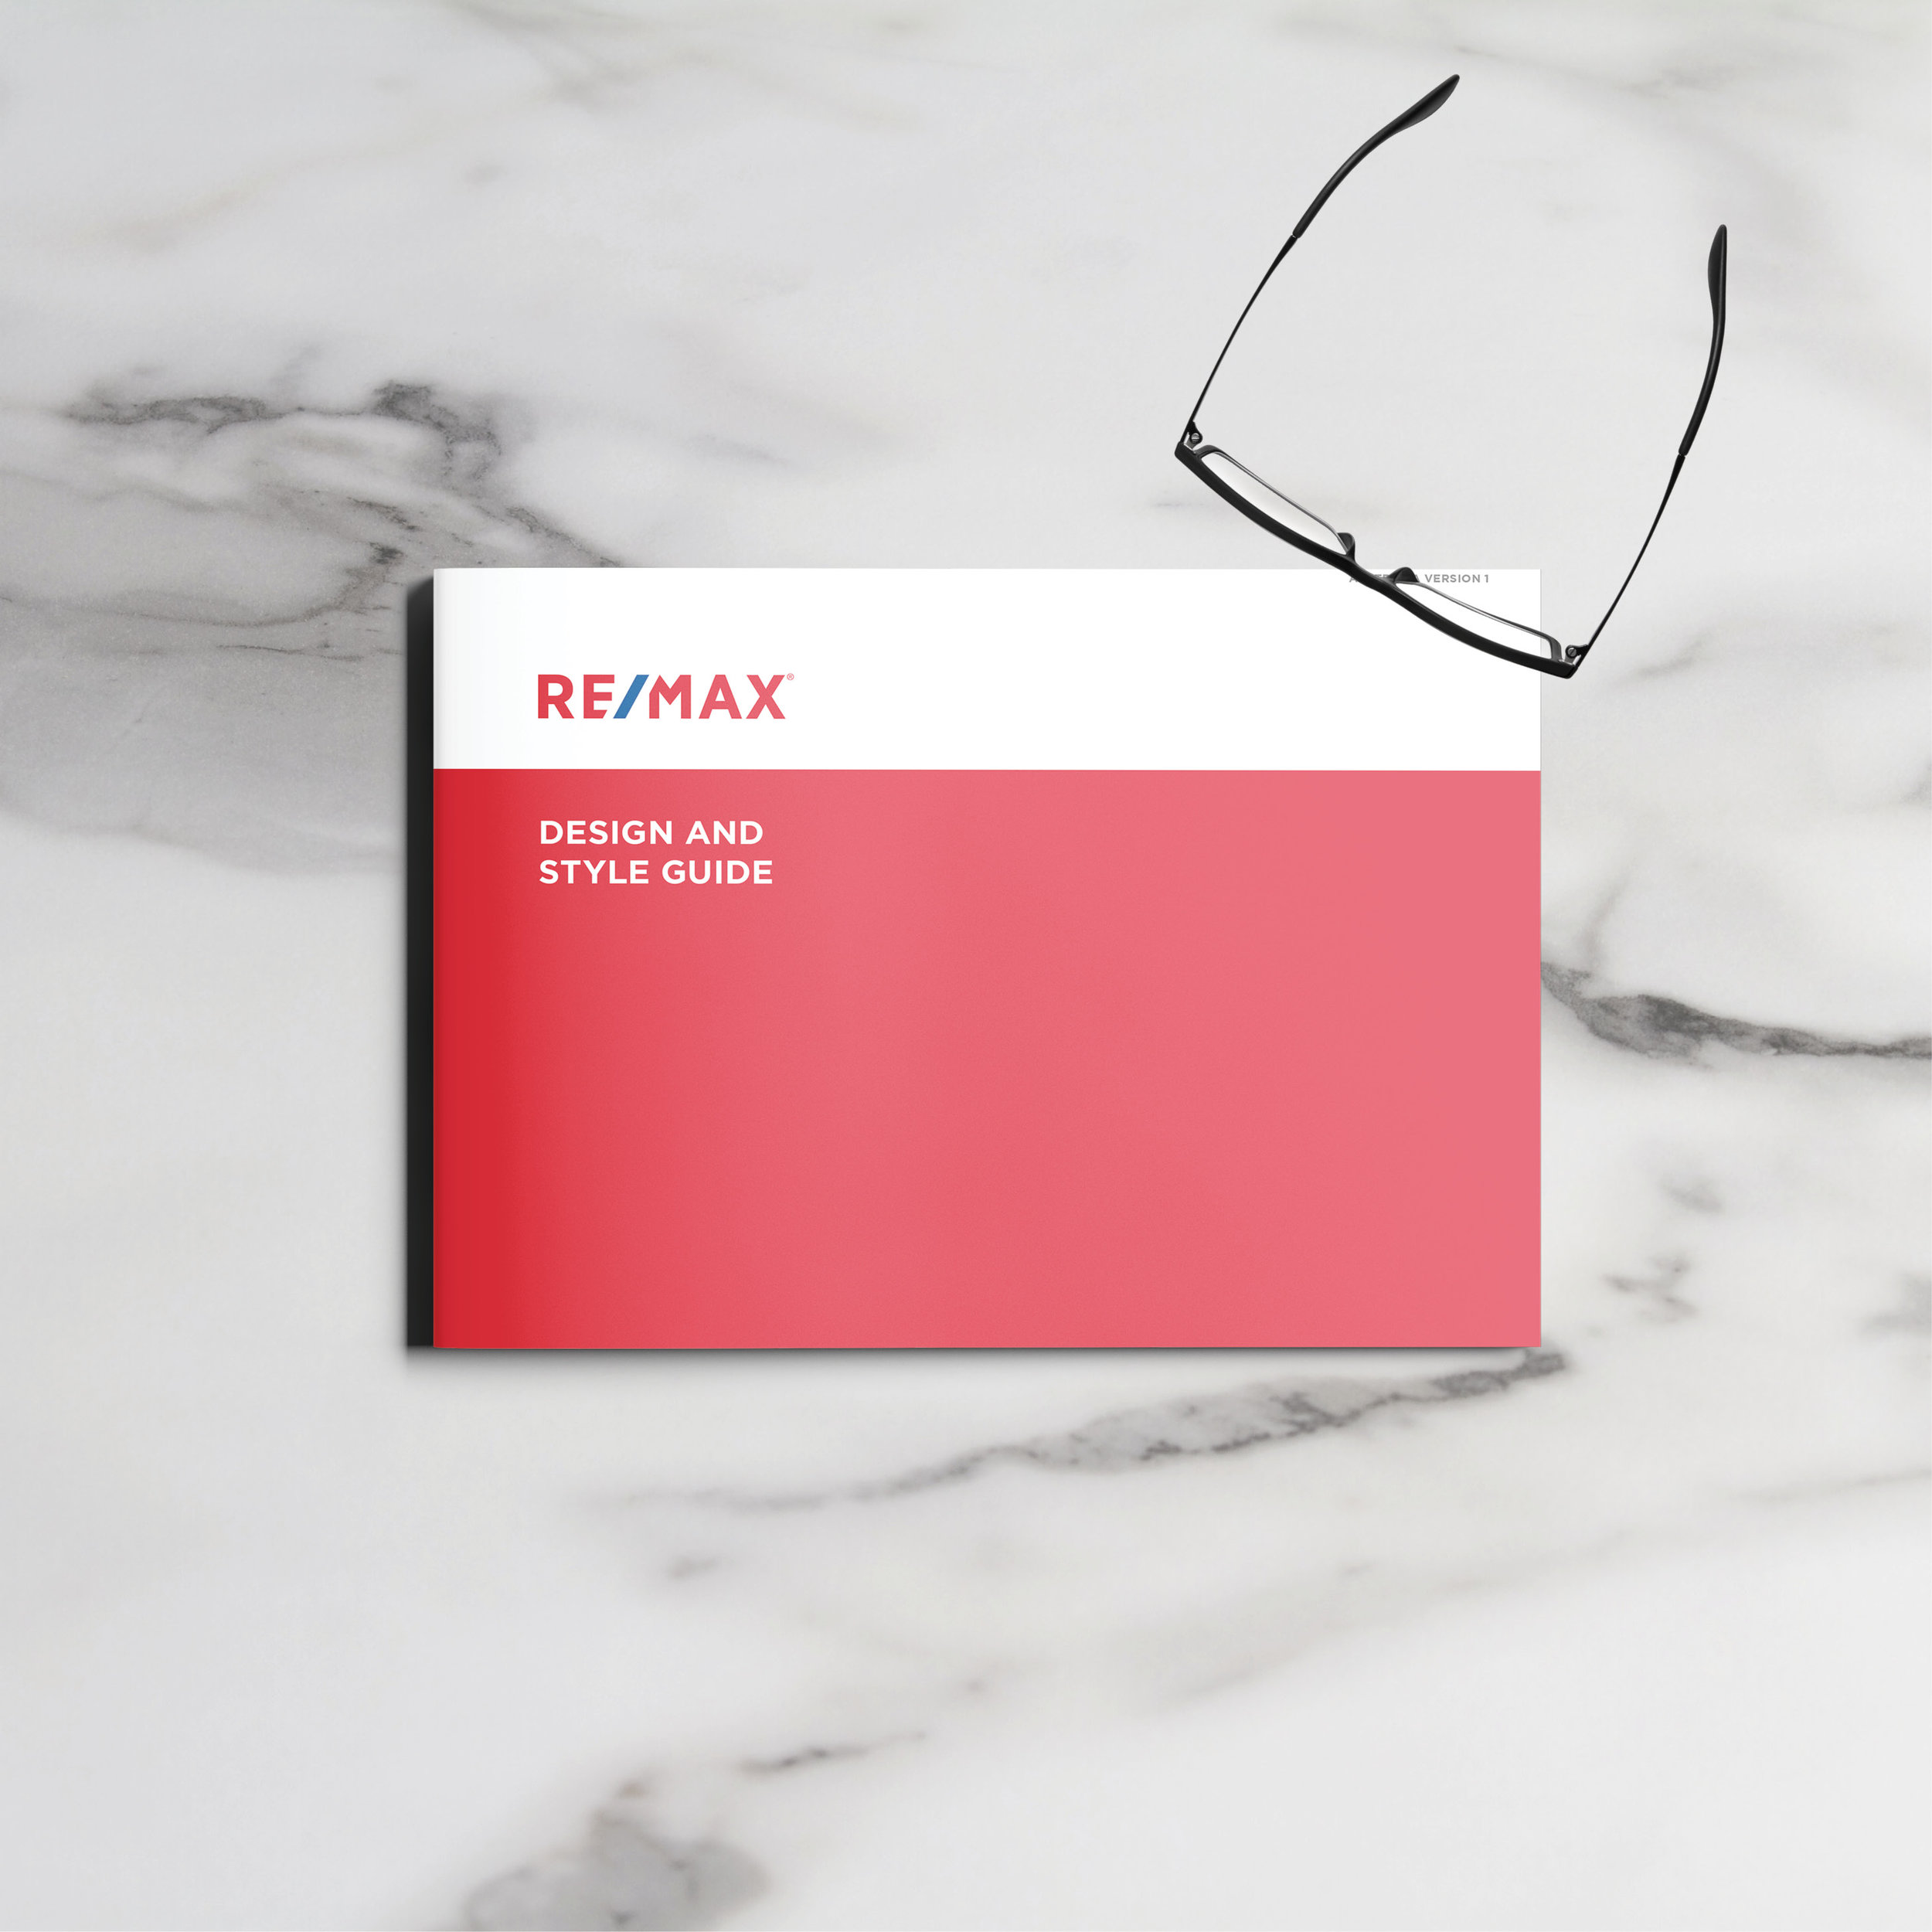 RE/MAX AUS & NZ Brand RE-FRESH